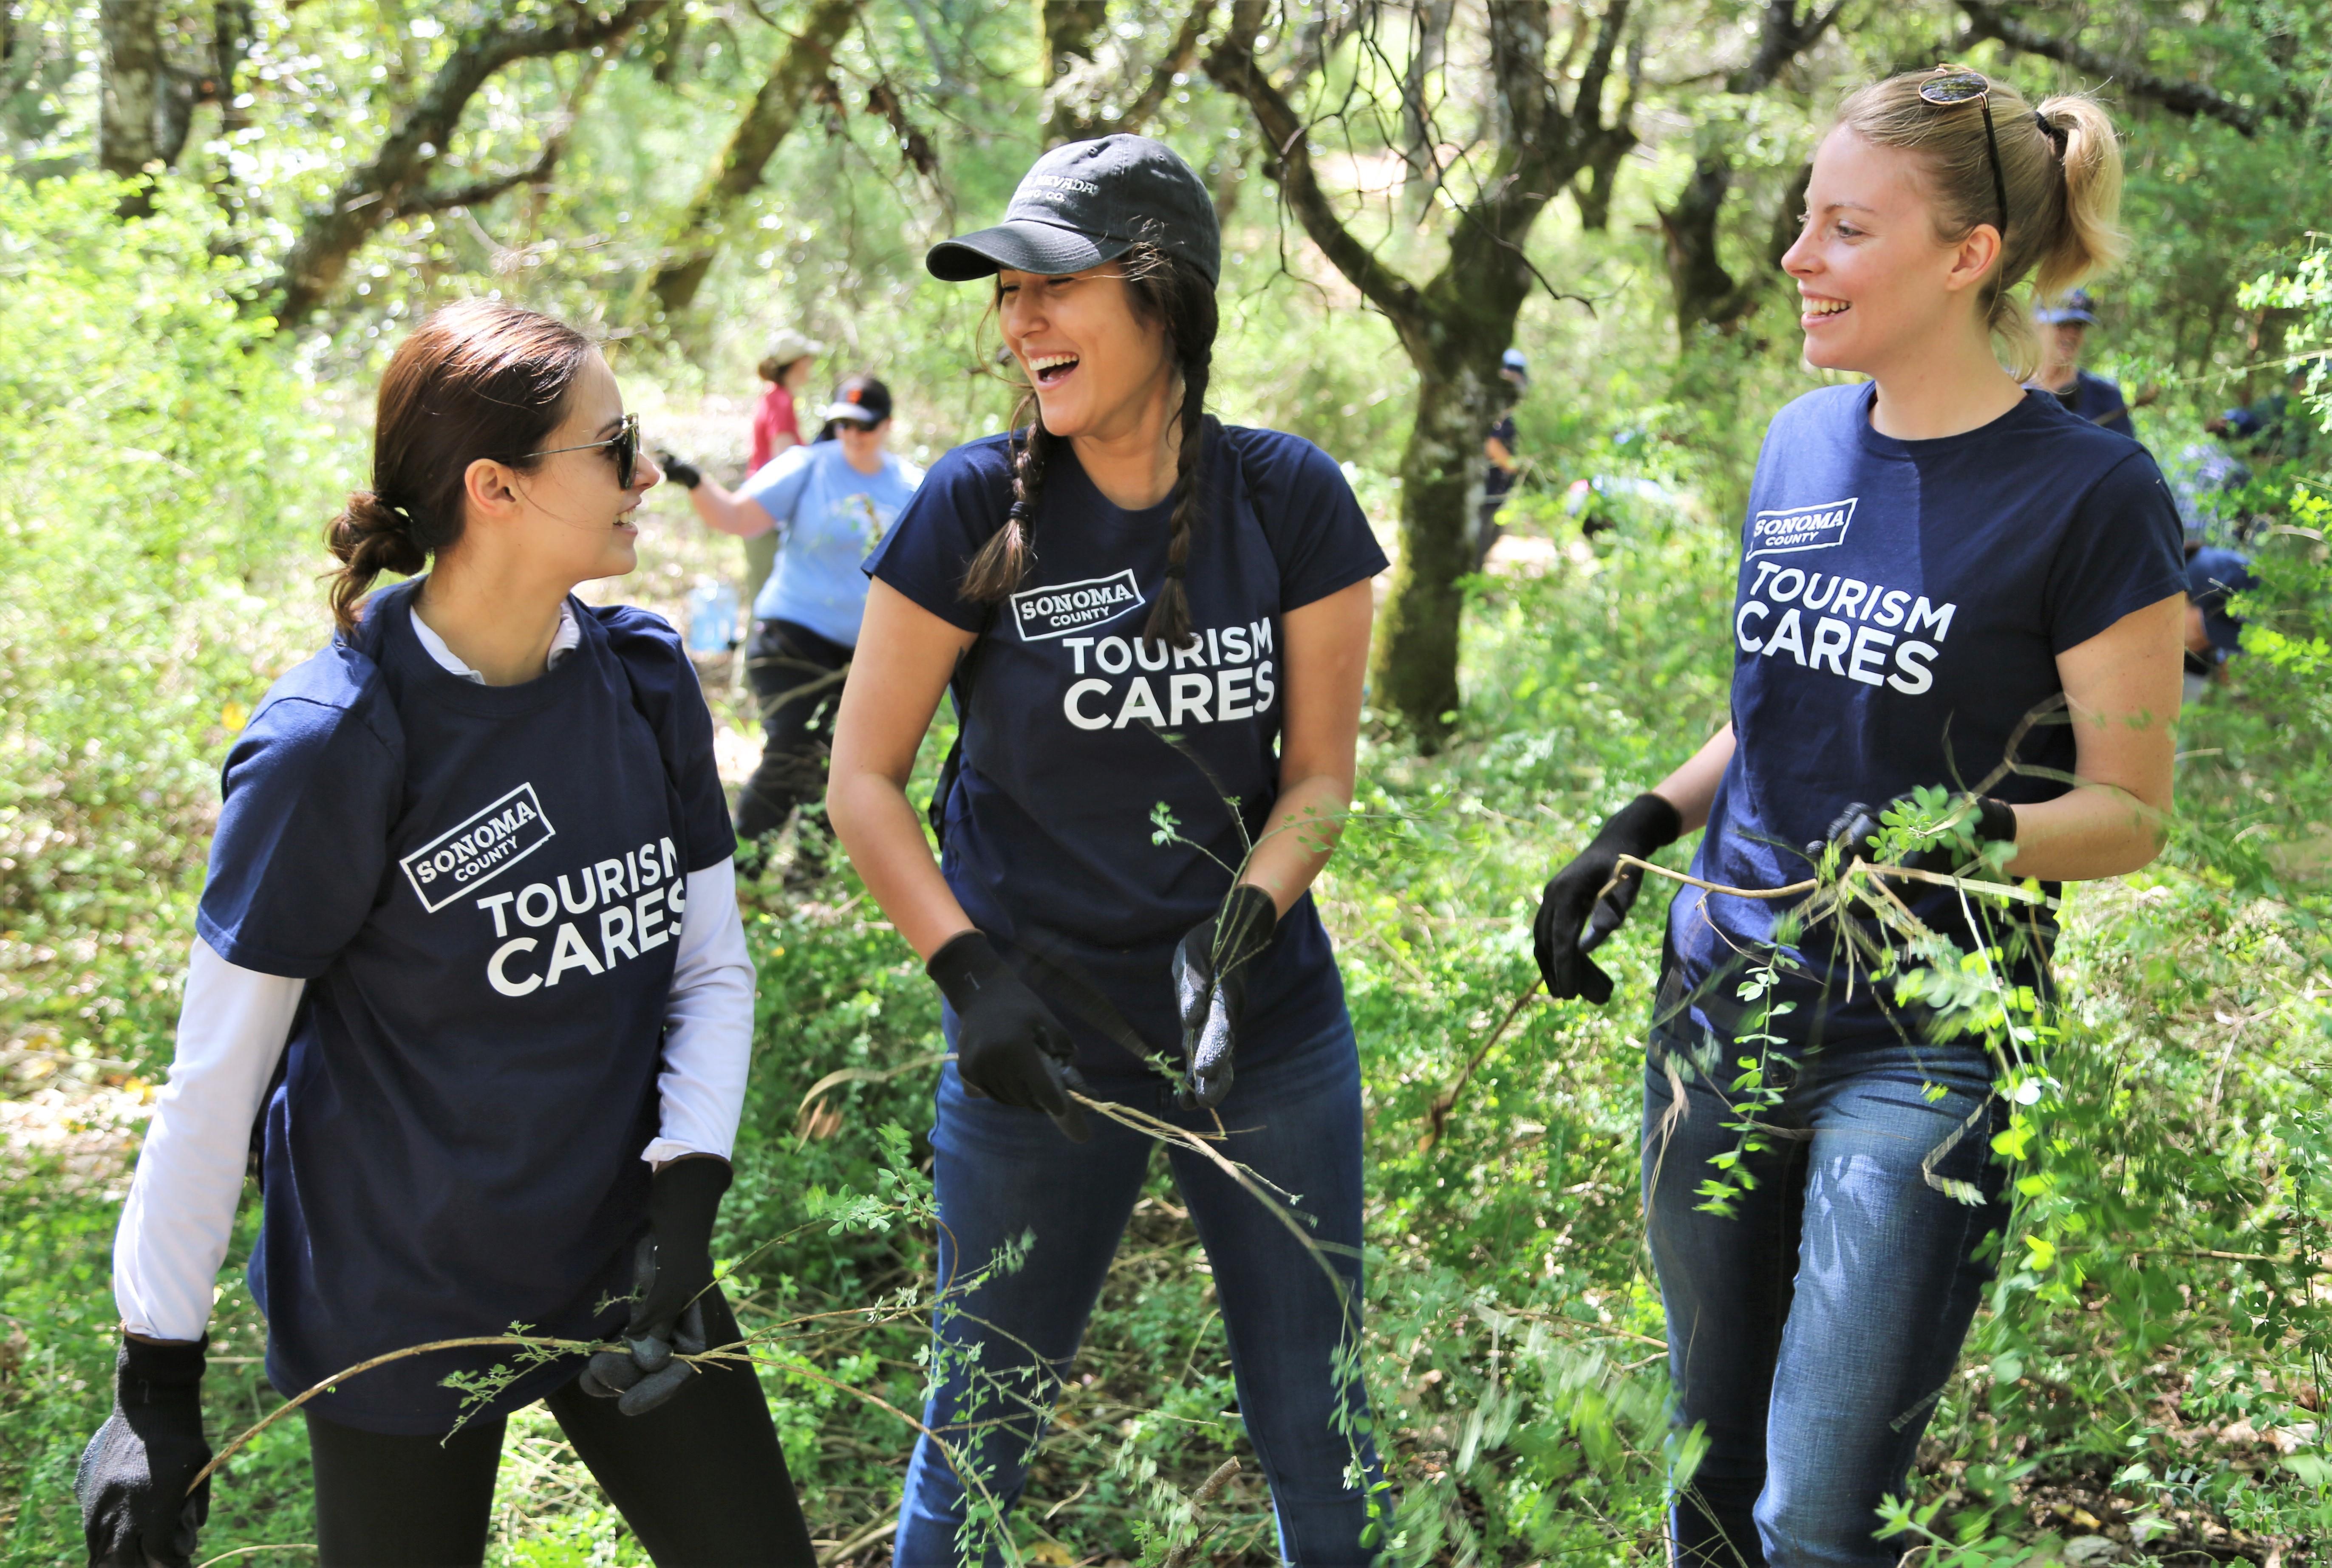 Tourism Cares, Sonoma County, California